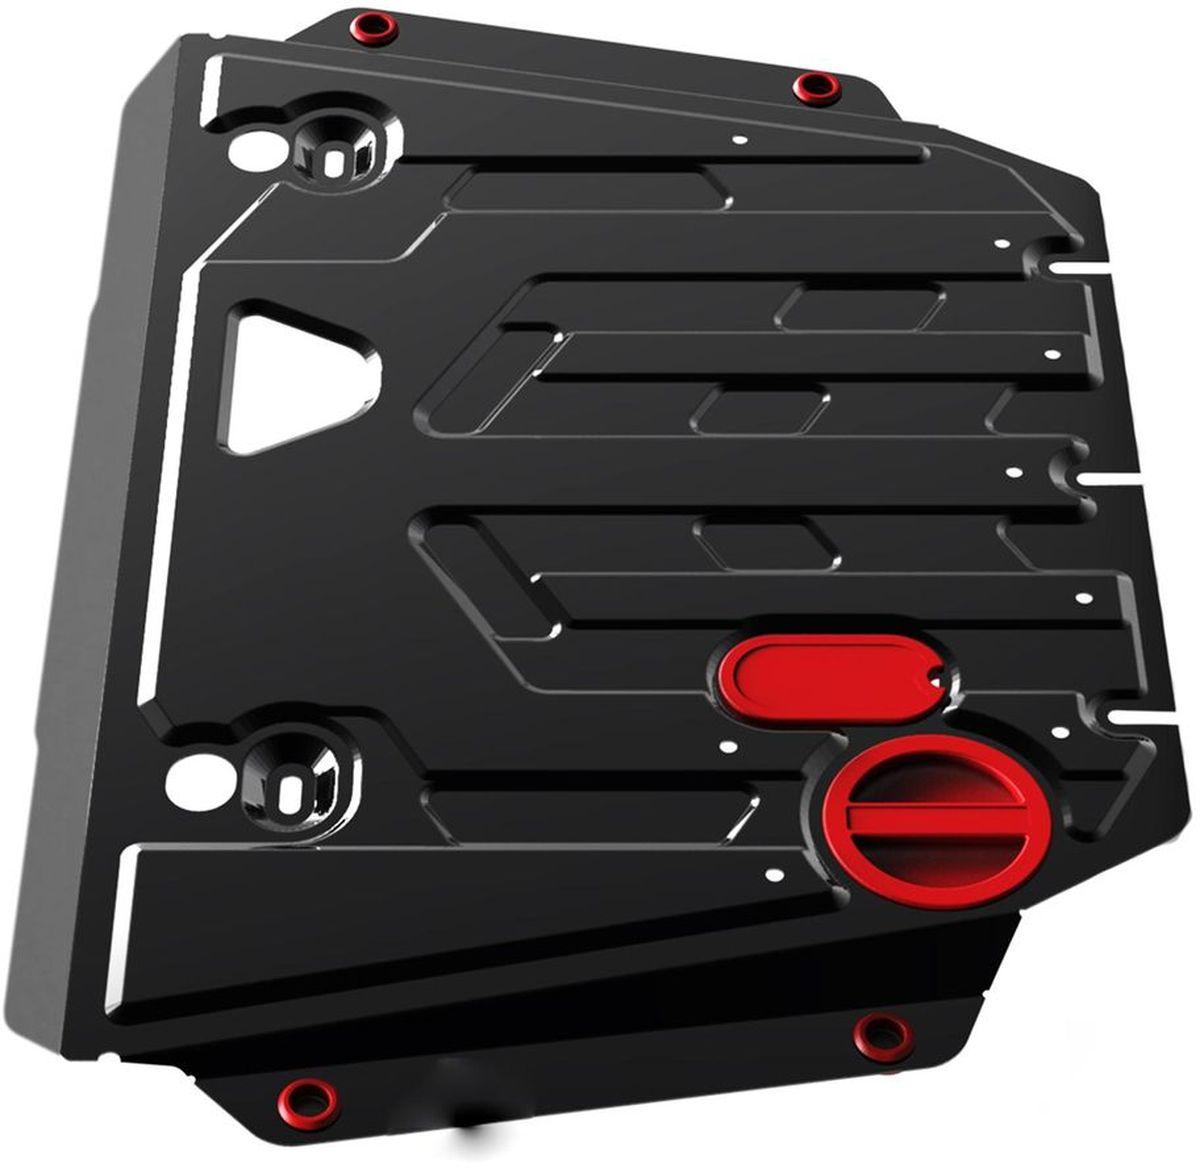 Защита картера и КПП Автоброня, для Fiat 500 V - 1,2; 1,4 (2009-)1.01706.1Технологически совершенный продукт за невысокую стоимость. Защита разработана с учетом особенностей днища автомобиля, что позволяет сохранить дорожный просвет с минимальным изменением. Защита устанавливается в штатные места кузова автомобиля. Глубокий штамп обеспечивает до двух раз больше жесткости в сравнении с обычной защитой той же толщины. Проштампованные ребра жесткости препятствуют деформации защиты при ударах. Тепловой зазор и вентиляционные отверстия обеспечивают сохранение температурного режима двигателя в норме. Скрытый крепеж предотвращает срыв крепежных элементов при наезде на препятствие. Шумопоглощающие резиновые элементы обеспечивают комфортную езду без вибраций и скрежета металла, а съемные лючки для слива масла и замены фильтра - экономию средств и время. Конструкция изделия не влияет на пассивную безопасность автомобиля (при ударе защита не воздействует на деформационные зоны кузова). Со штатным крепежом. В комплекте инструкция по установке....